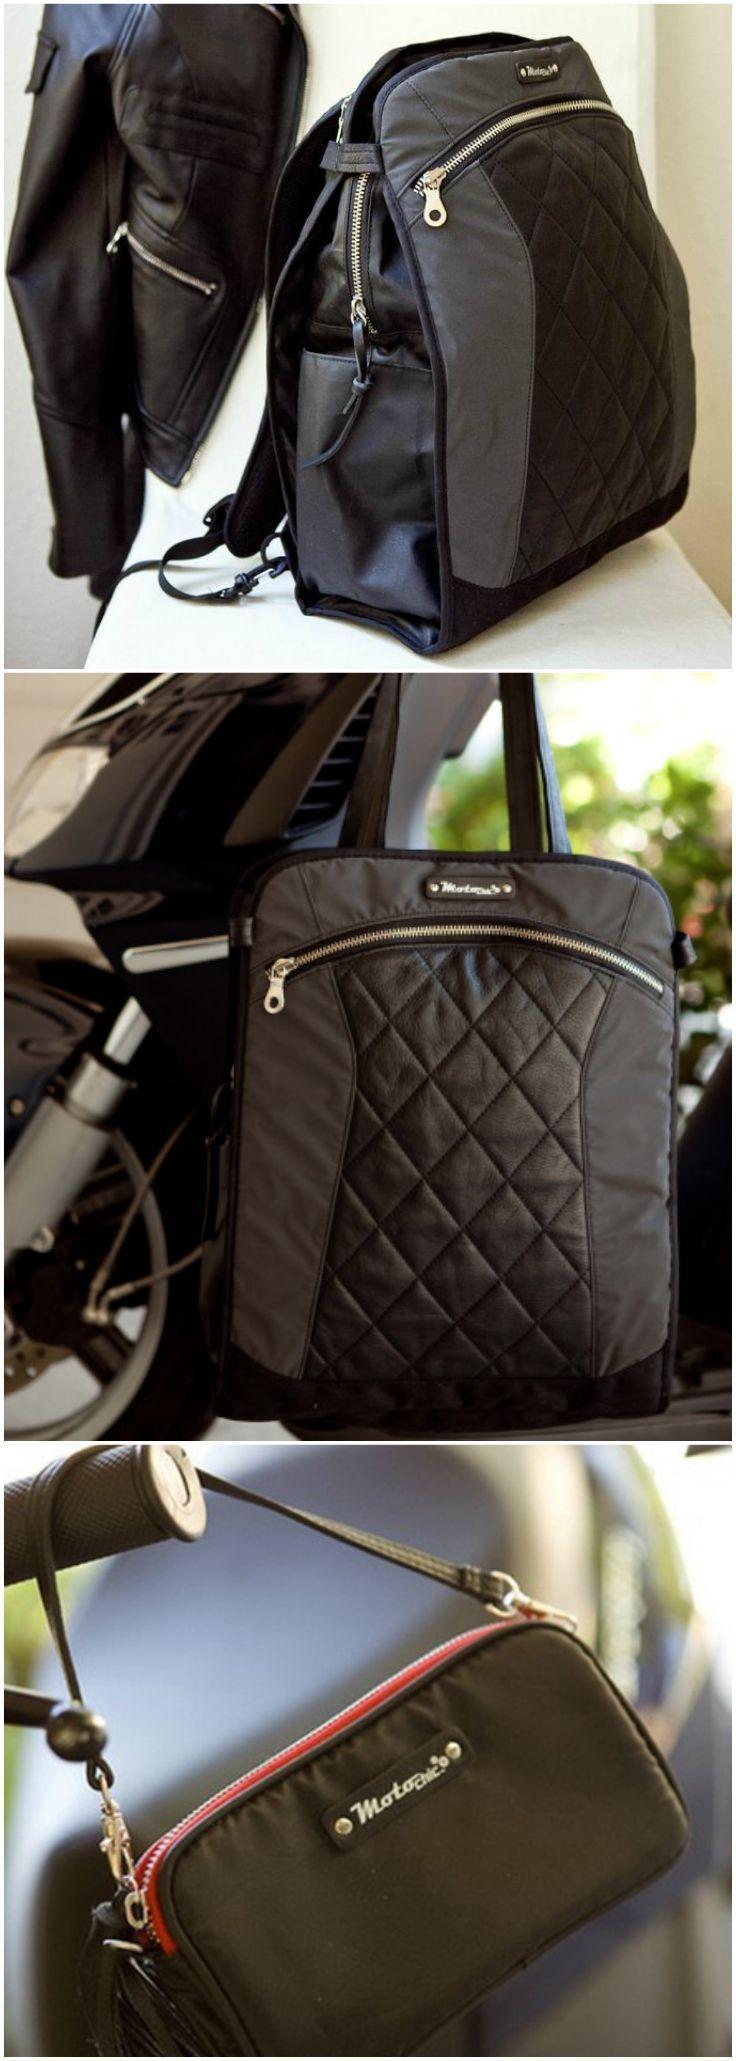 MOTORESS AVANT GARDE GEARSTYLE: Stilvolle praktische Taschen zum Tragen unserer …   – Women Purses